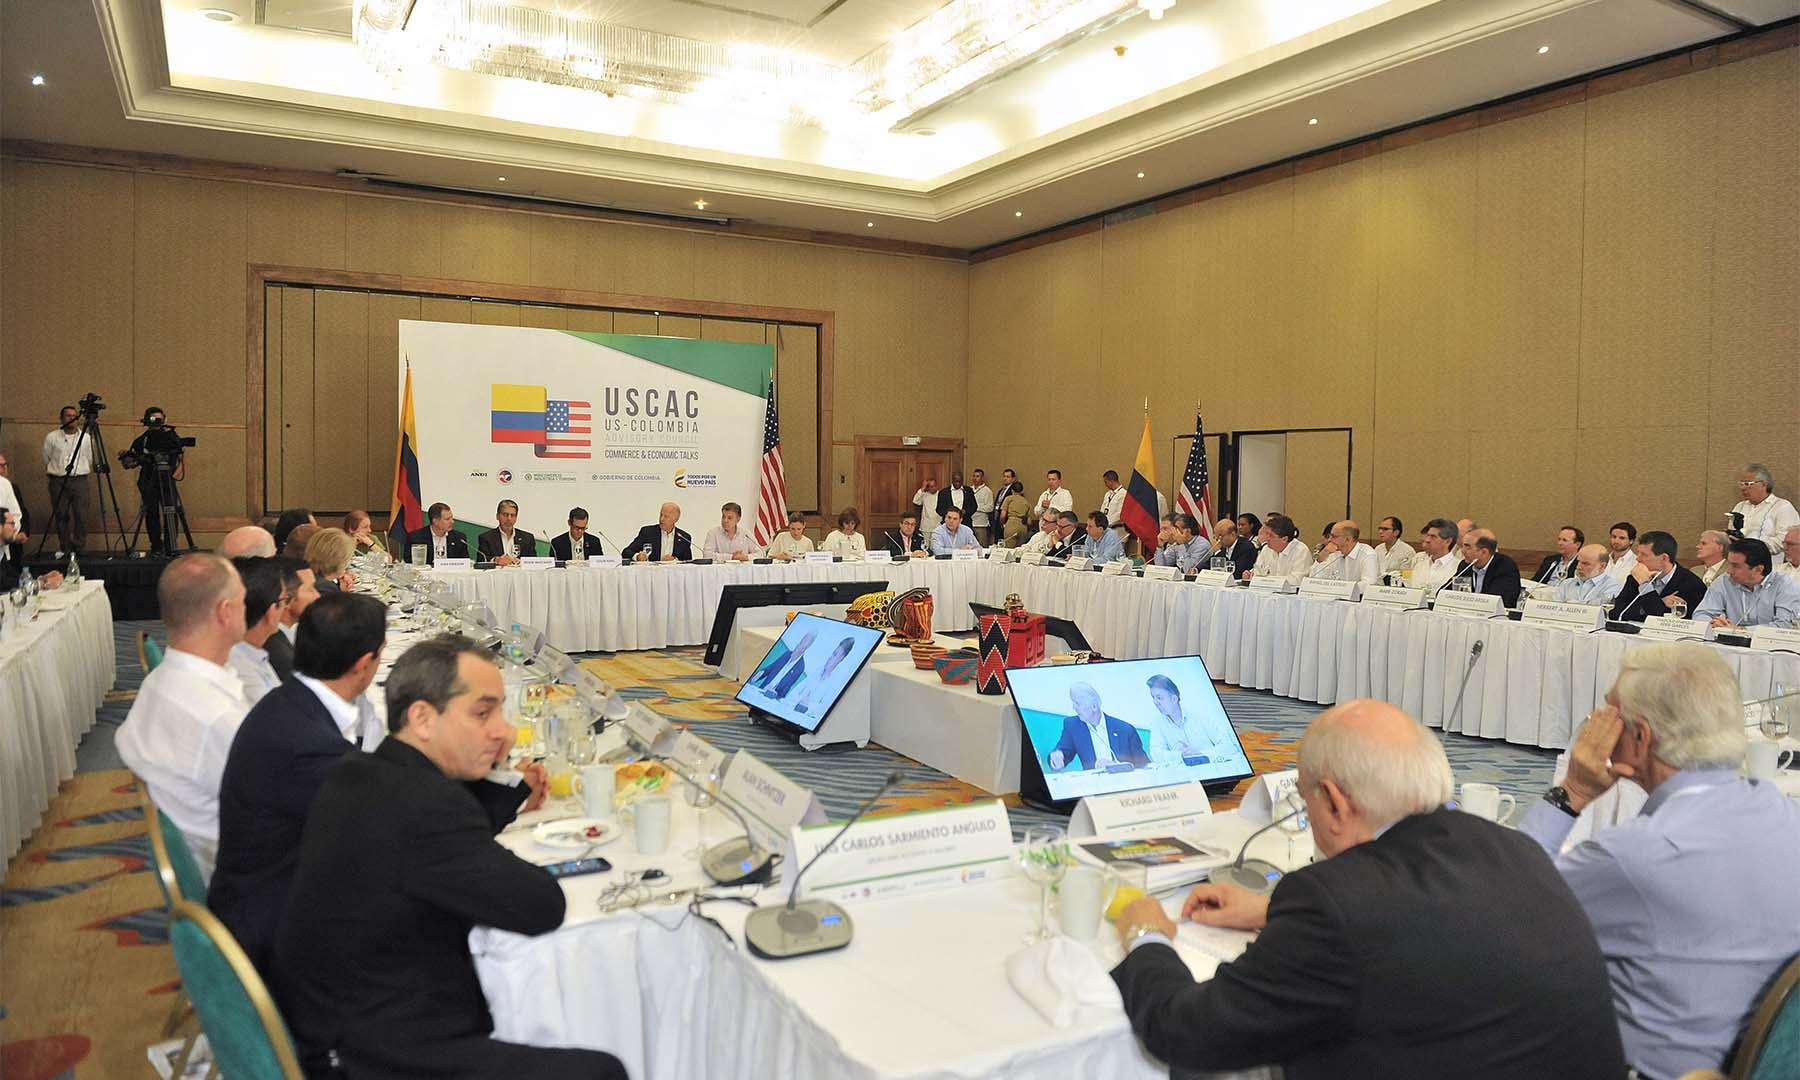 El Consejo Consultivo Colombia-Estados Unidos, instalado por el Vicepresidente Joe Biden y el Presidente Juan Manuel Santos, inició sesiones como un espacio de cooperación económica y de apoyo a las empresas de ambos países.